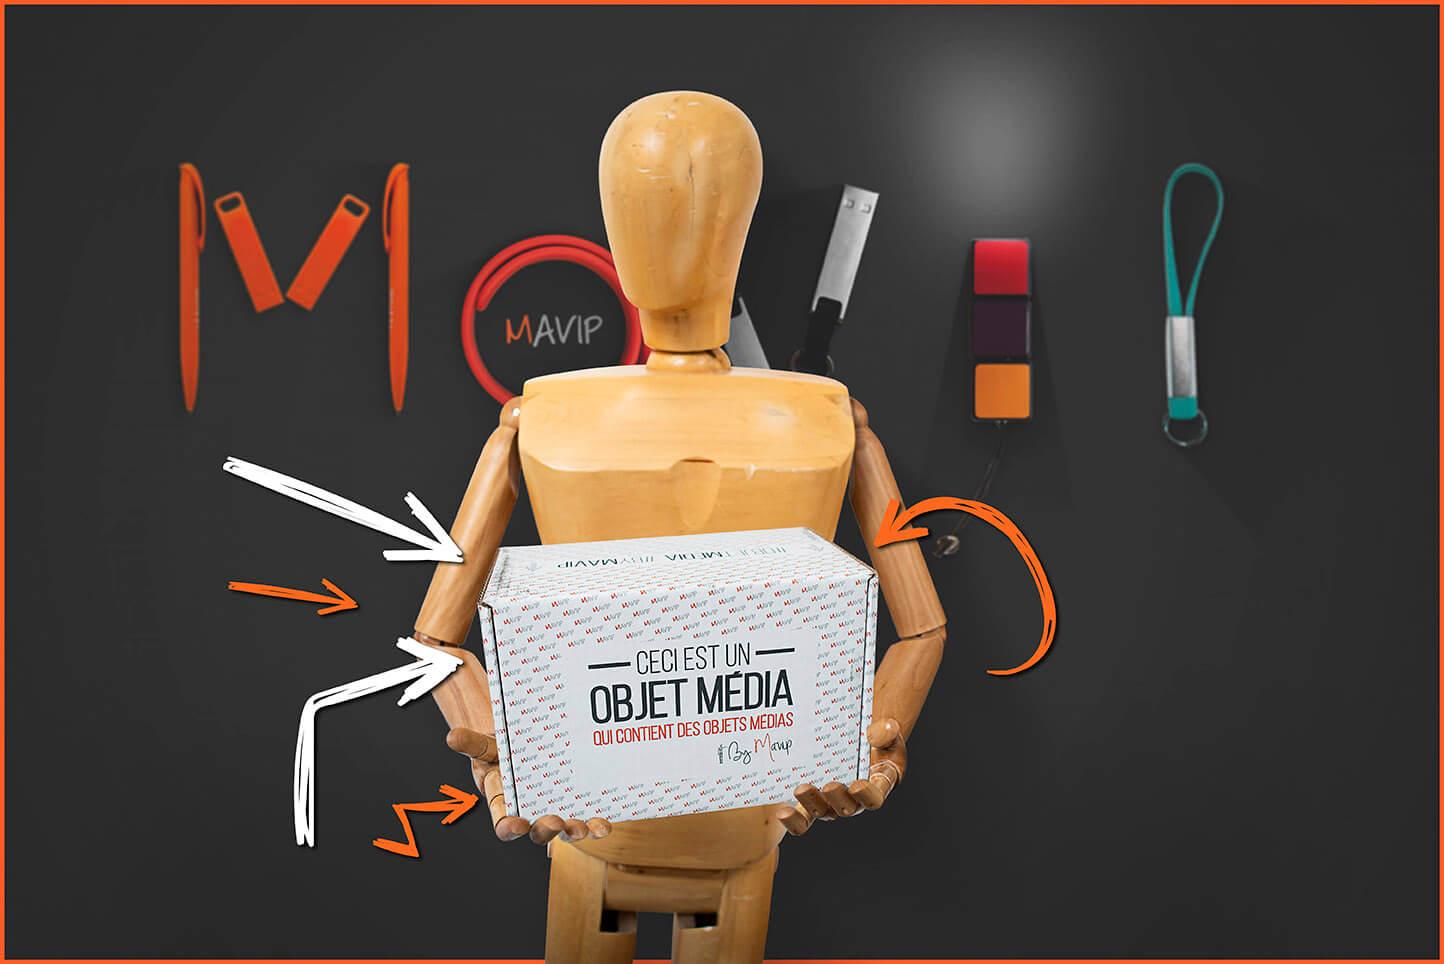 Communication par l'objet média personnalisé avec logo d'entreprise by Mavip